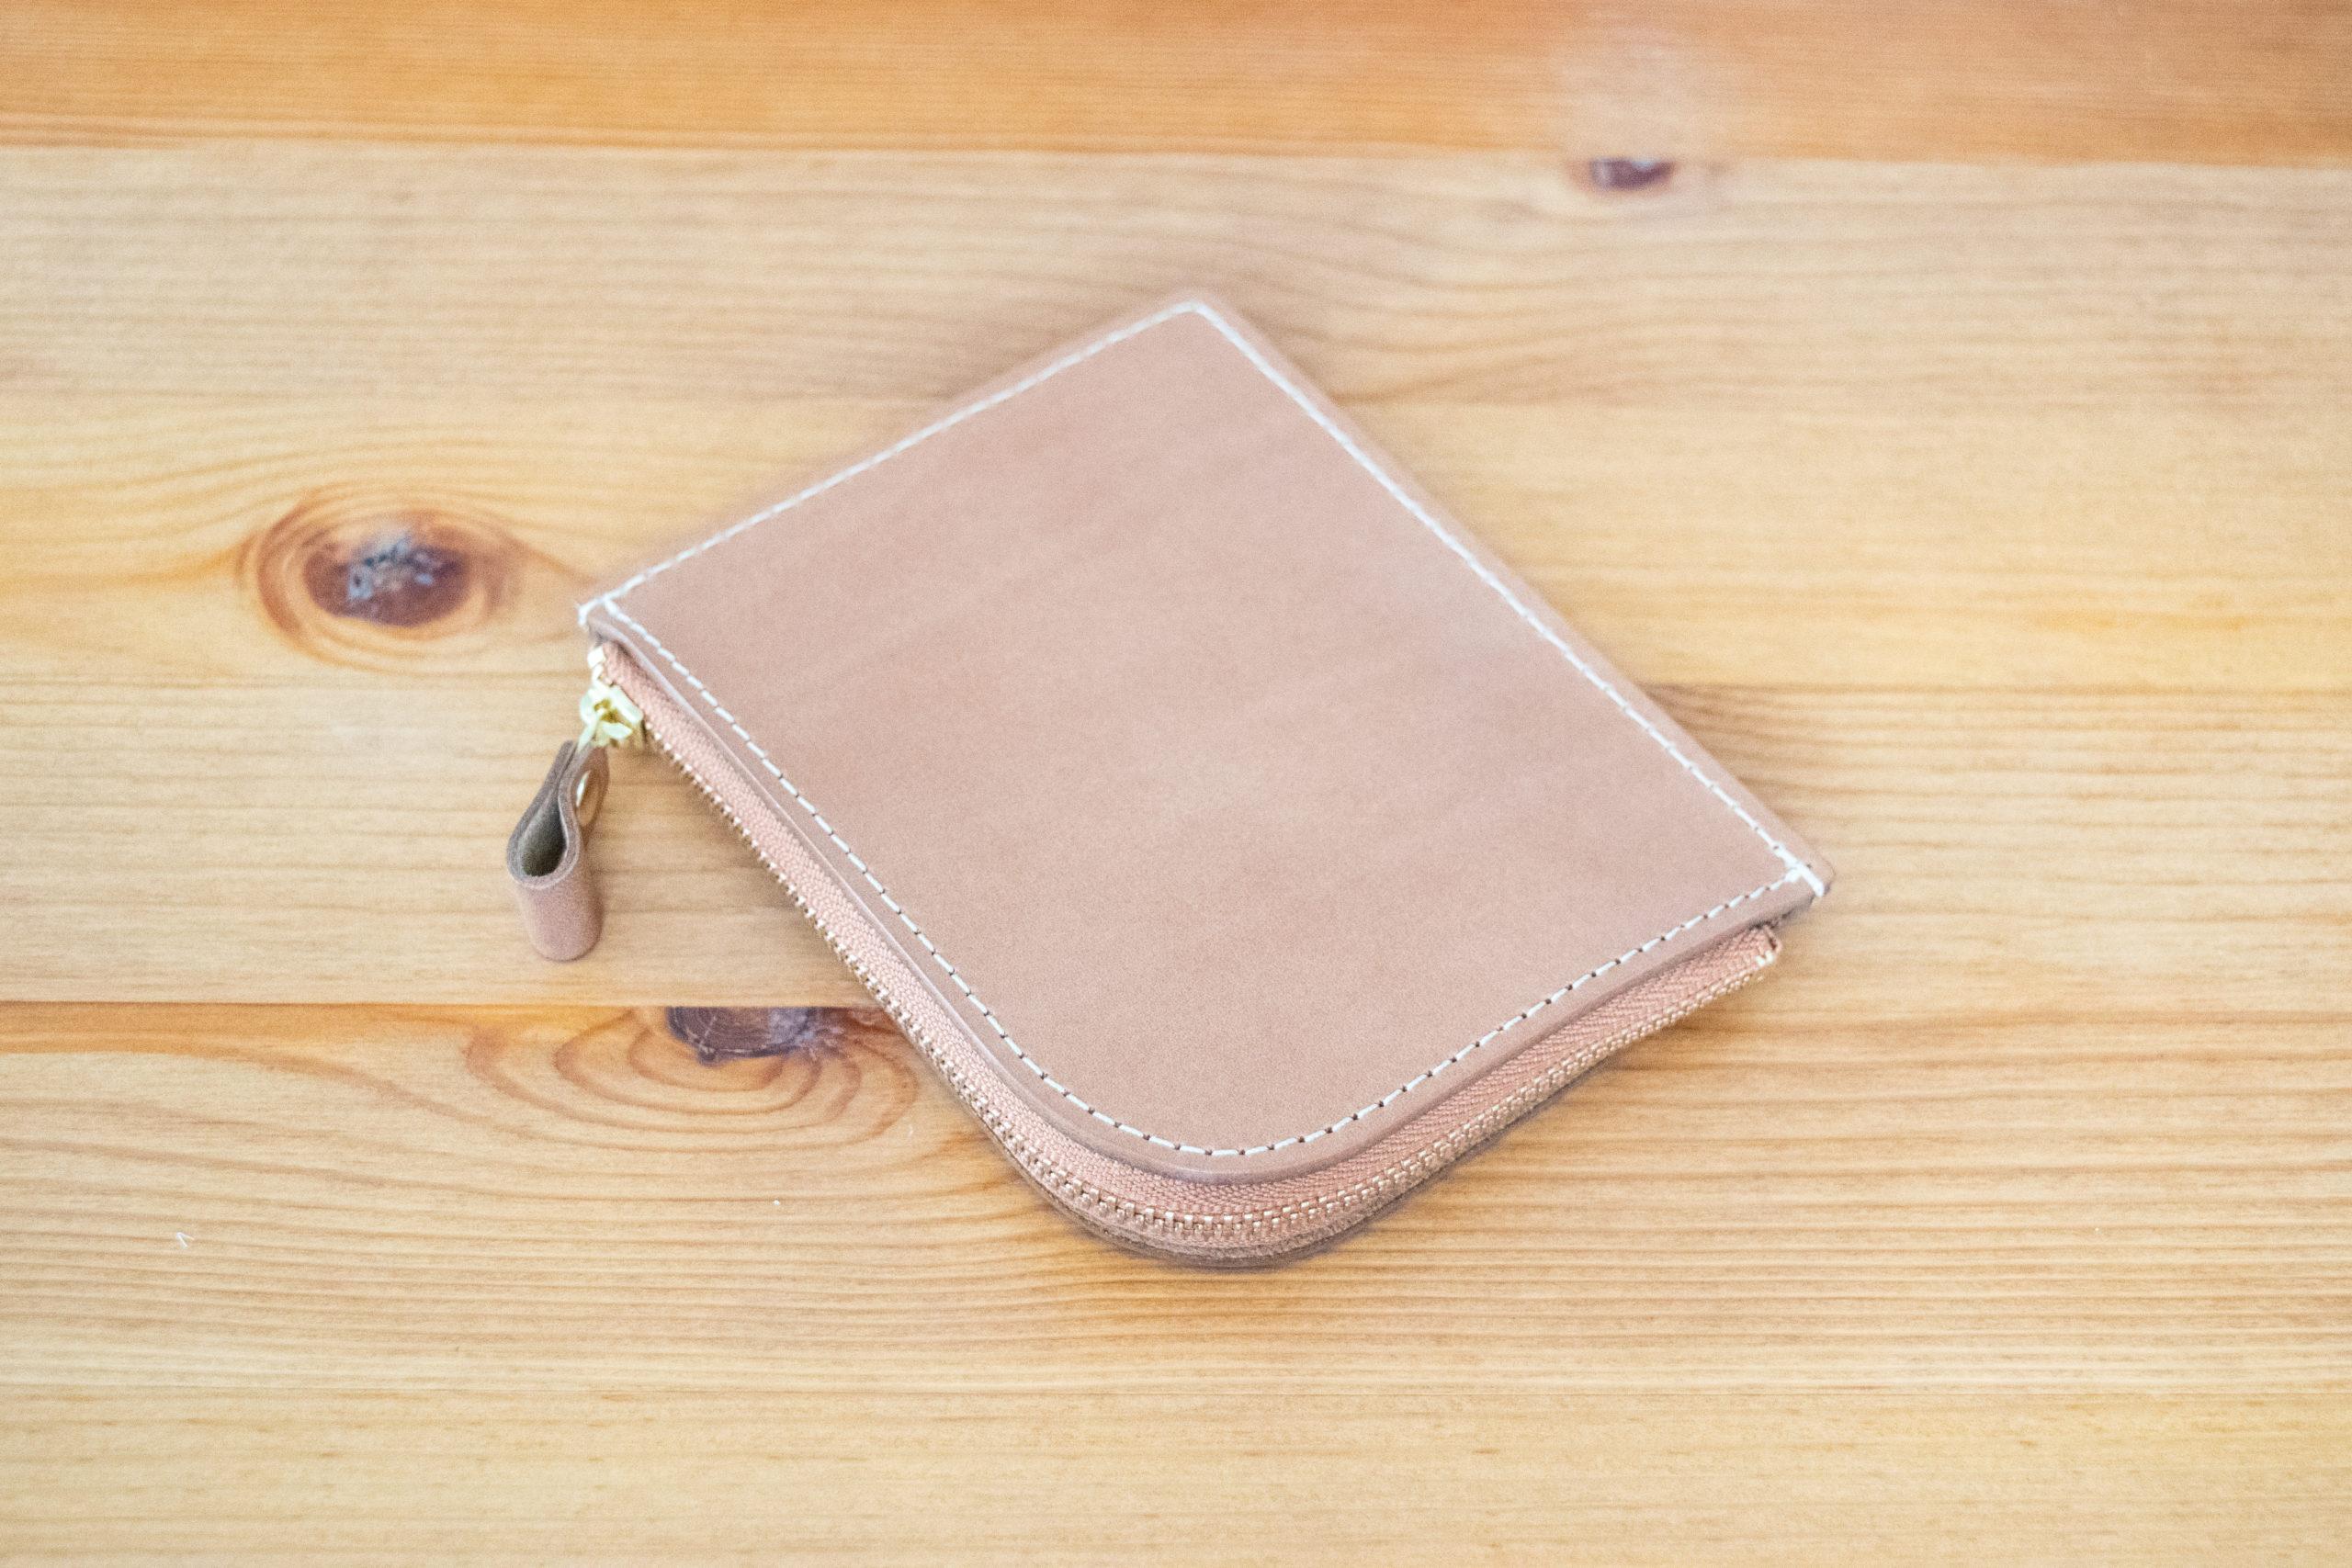 土屋鞄製作所 ナチューラ ヌメ革 Lファスナー 財布 レビュー